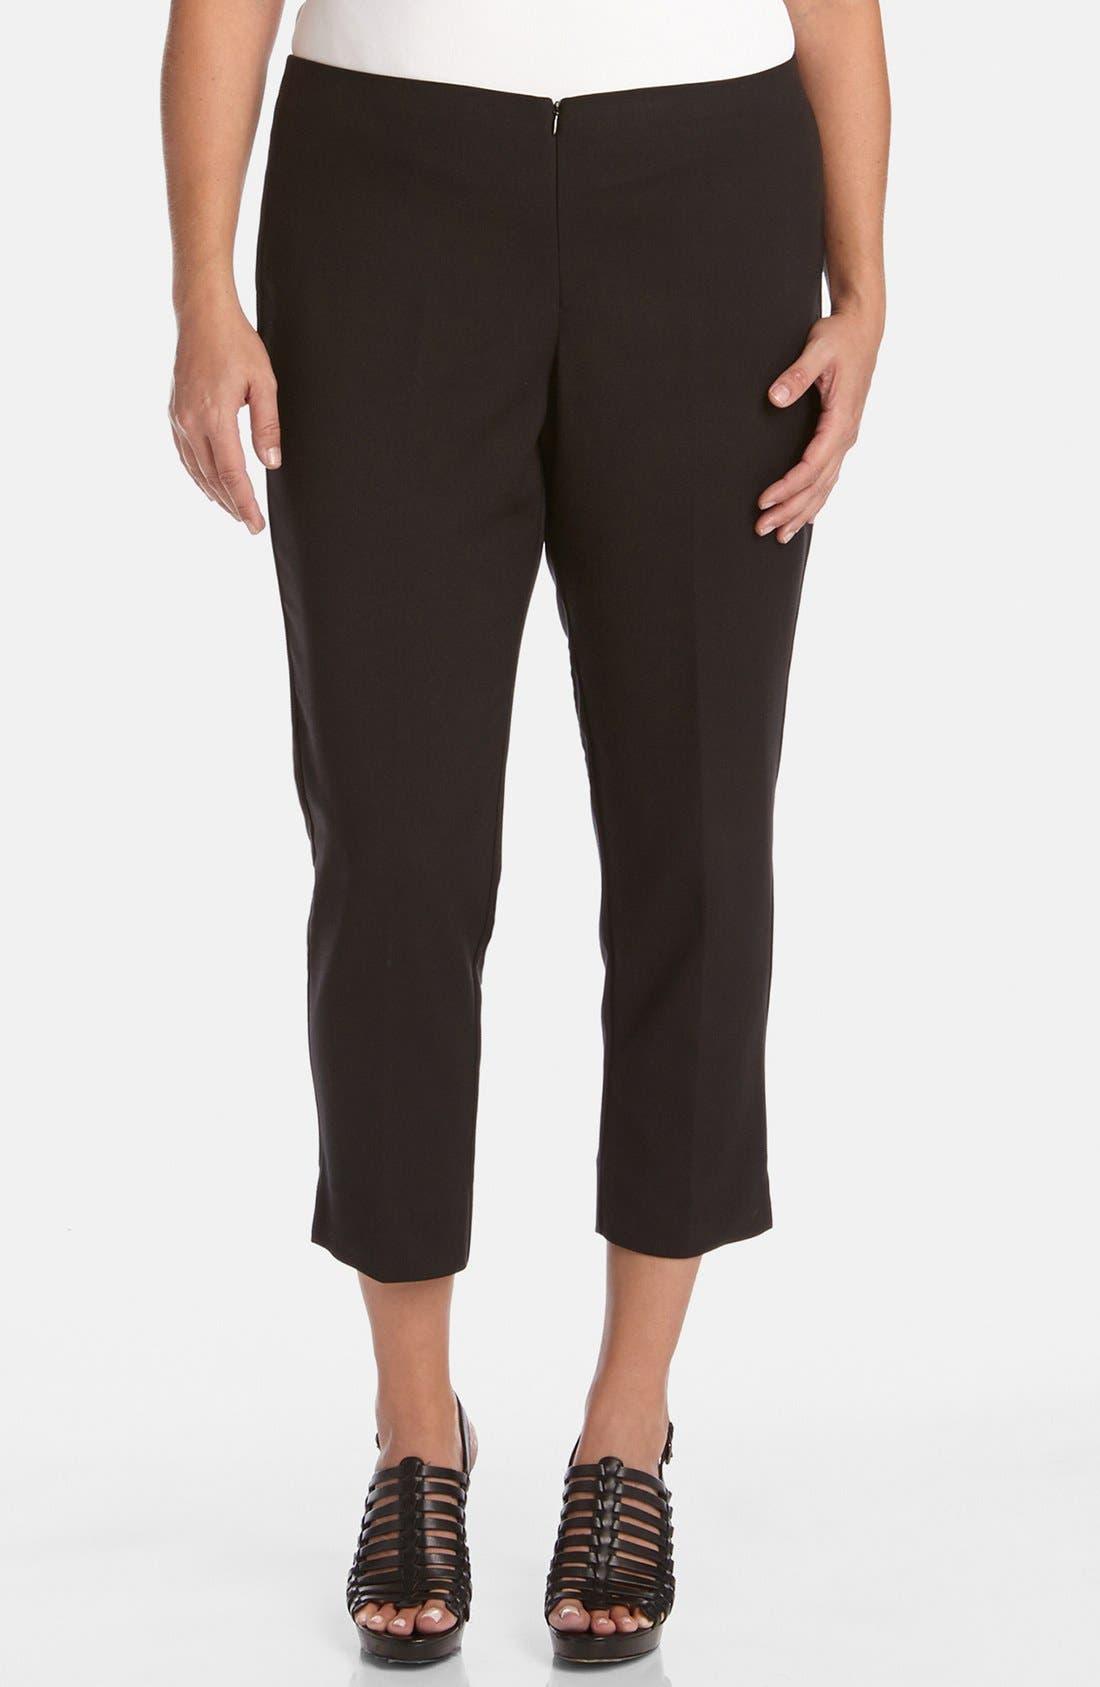 Karen Kane Stretch Capri Pants (Plus Size)